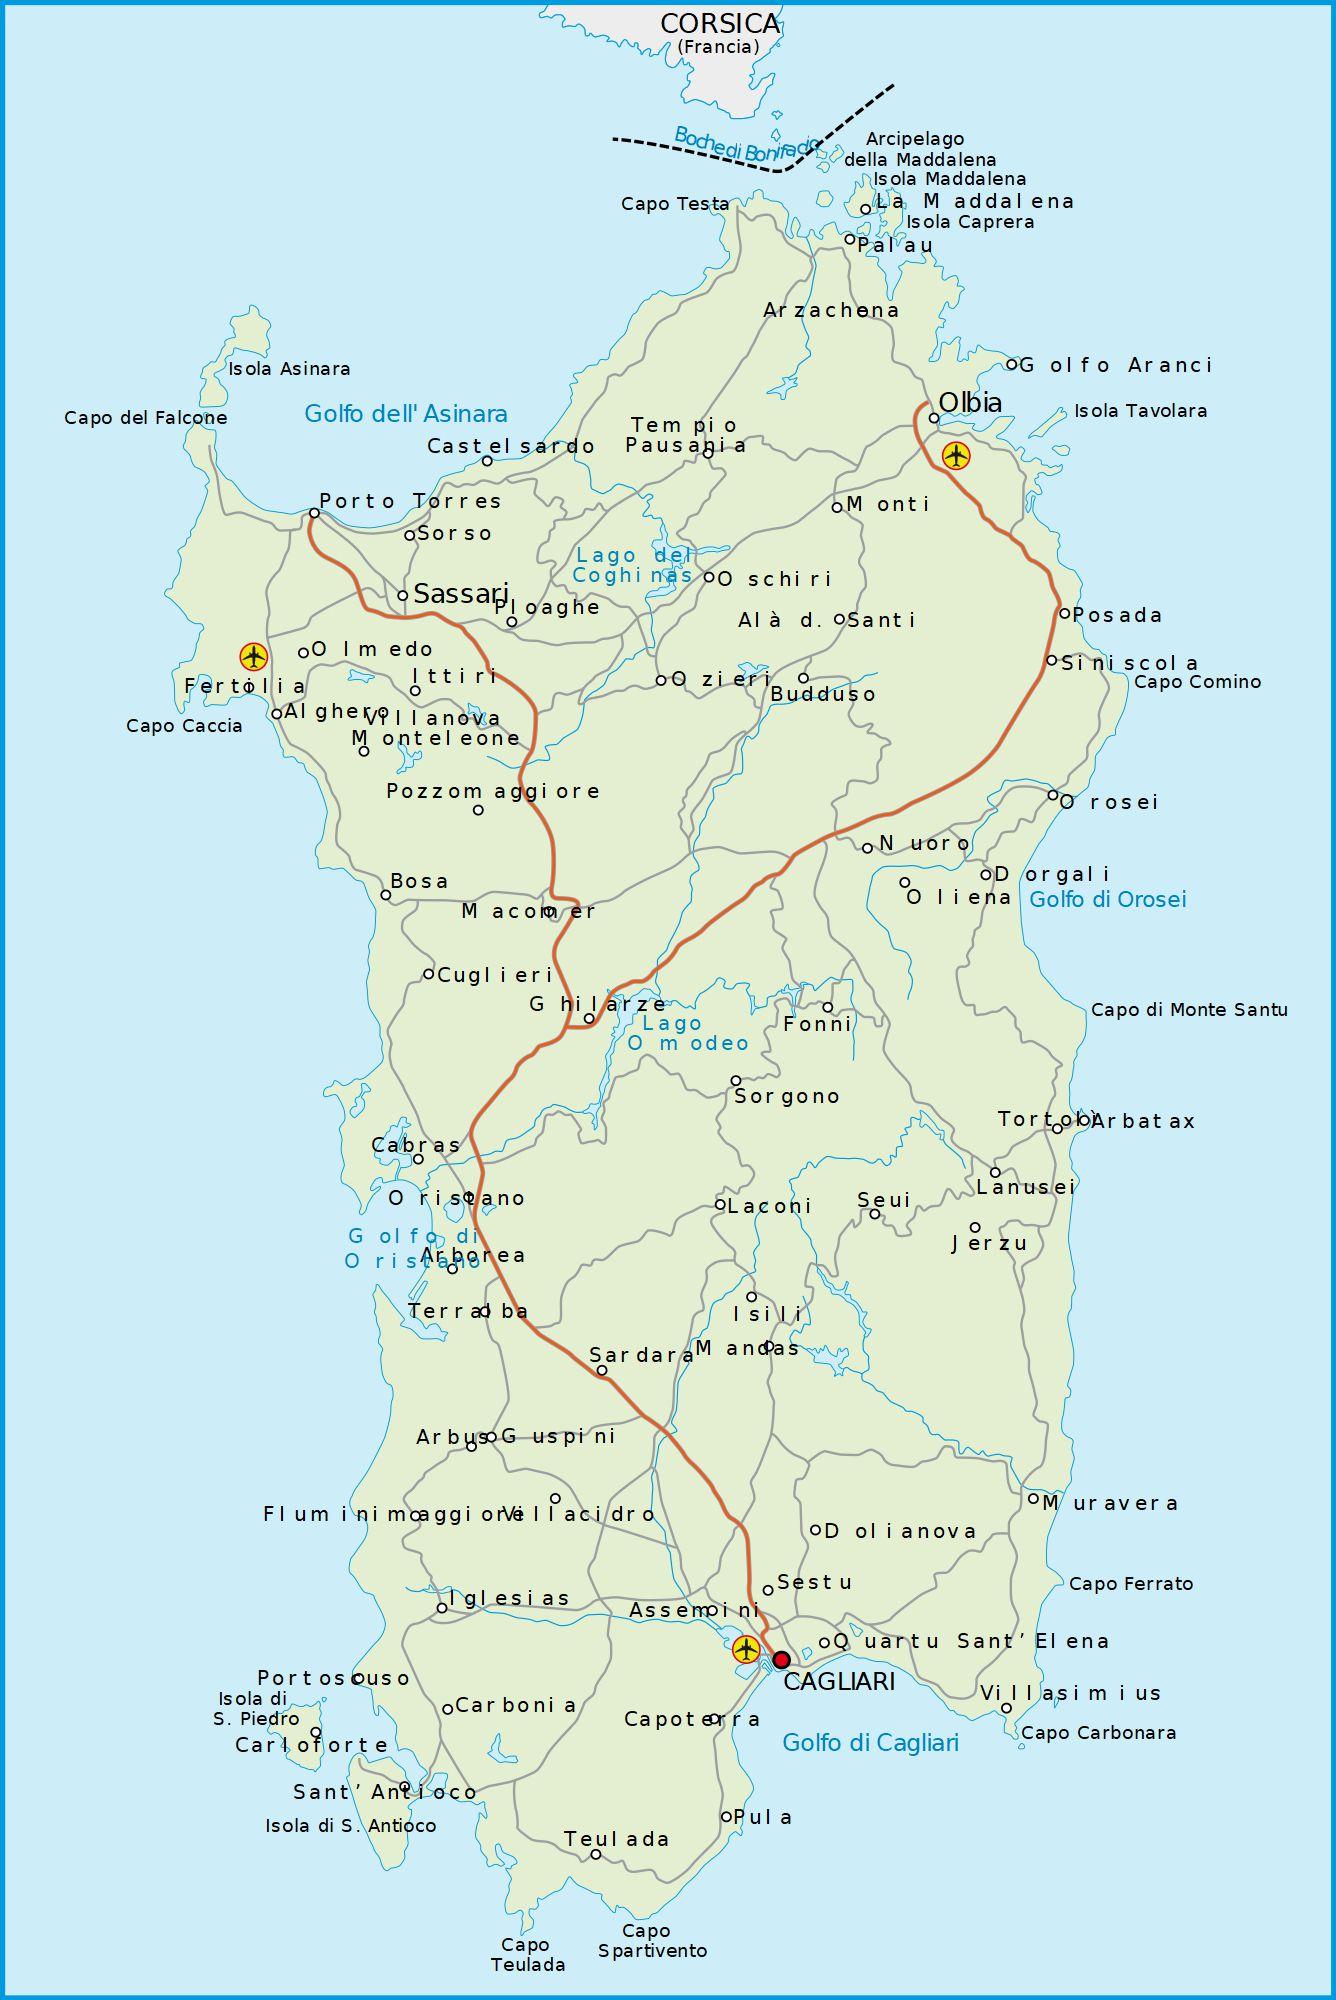 Carte de la Sardaigne en Italie